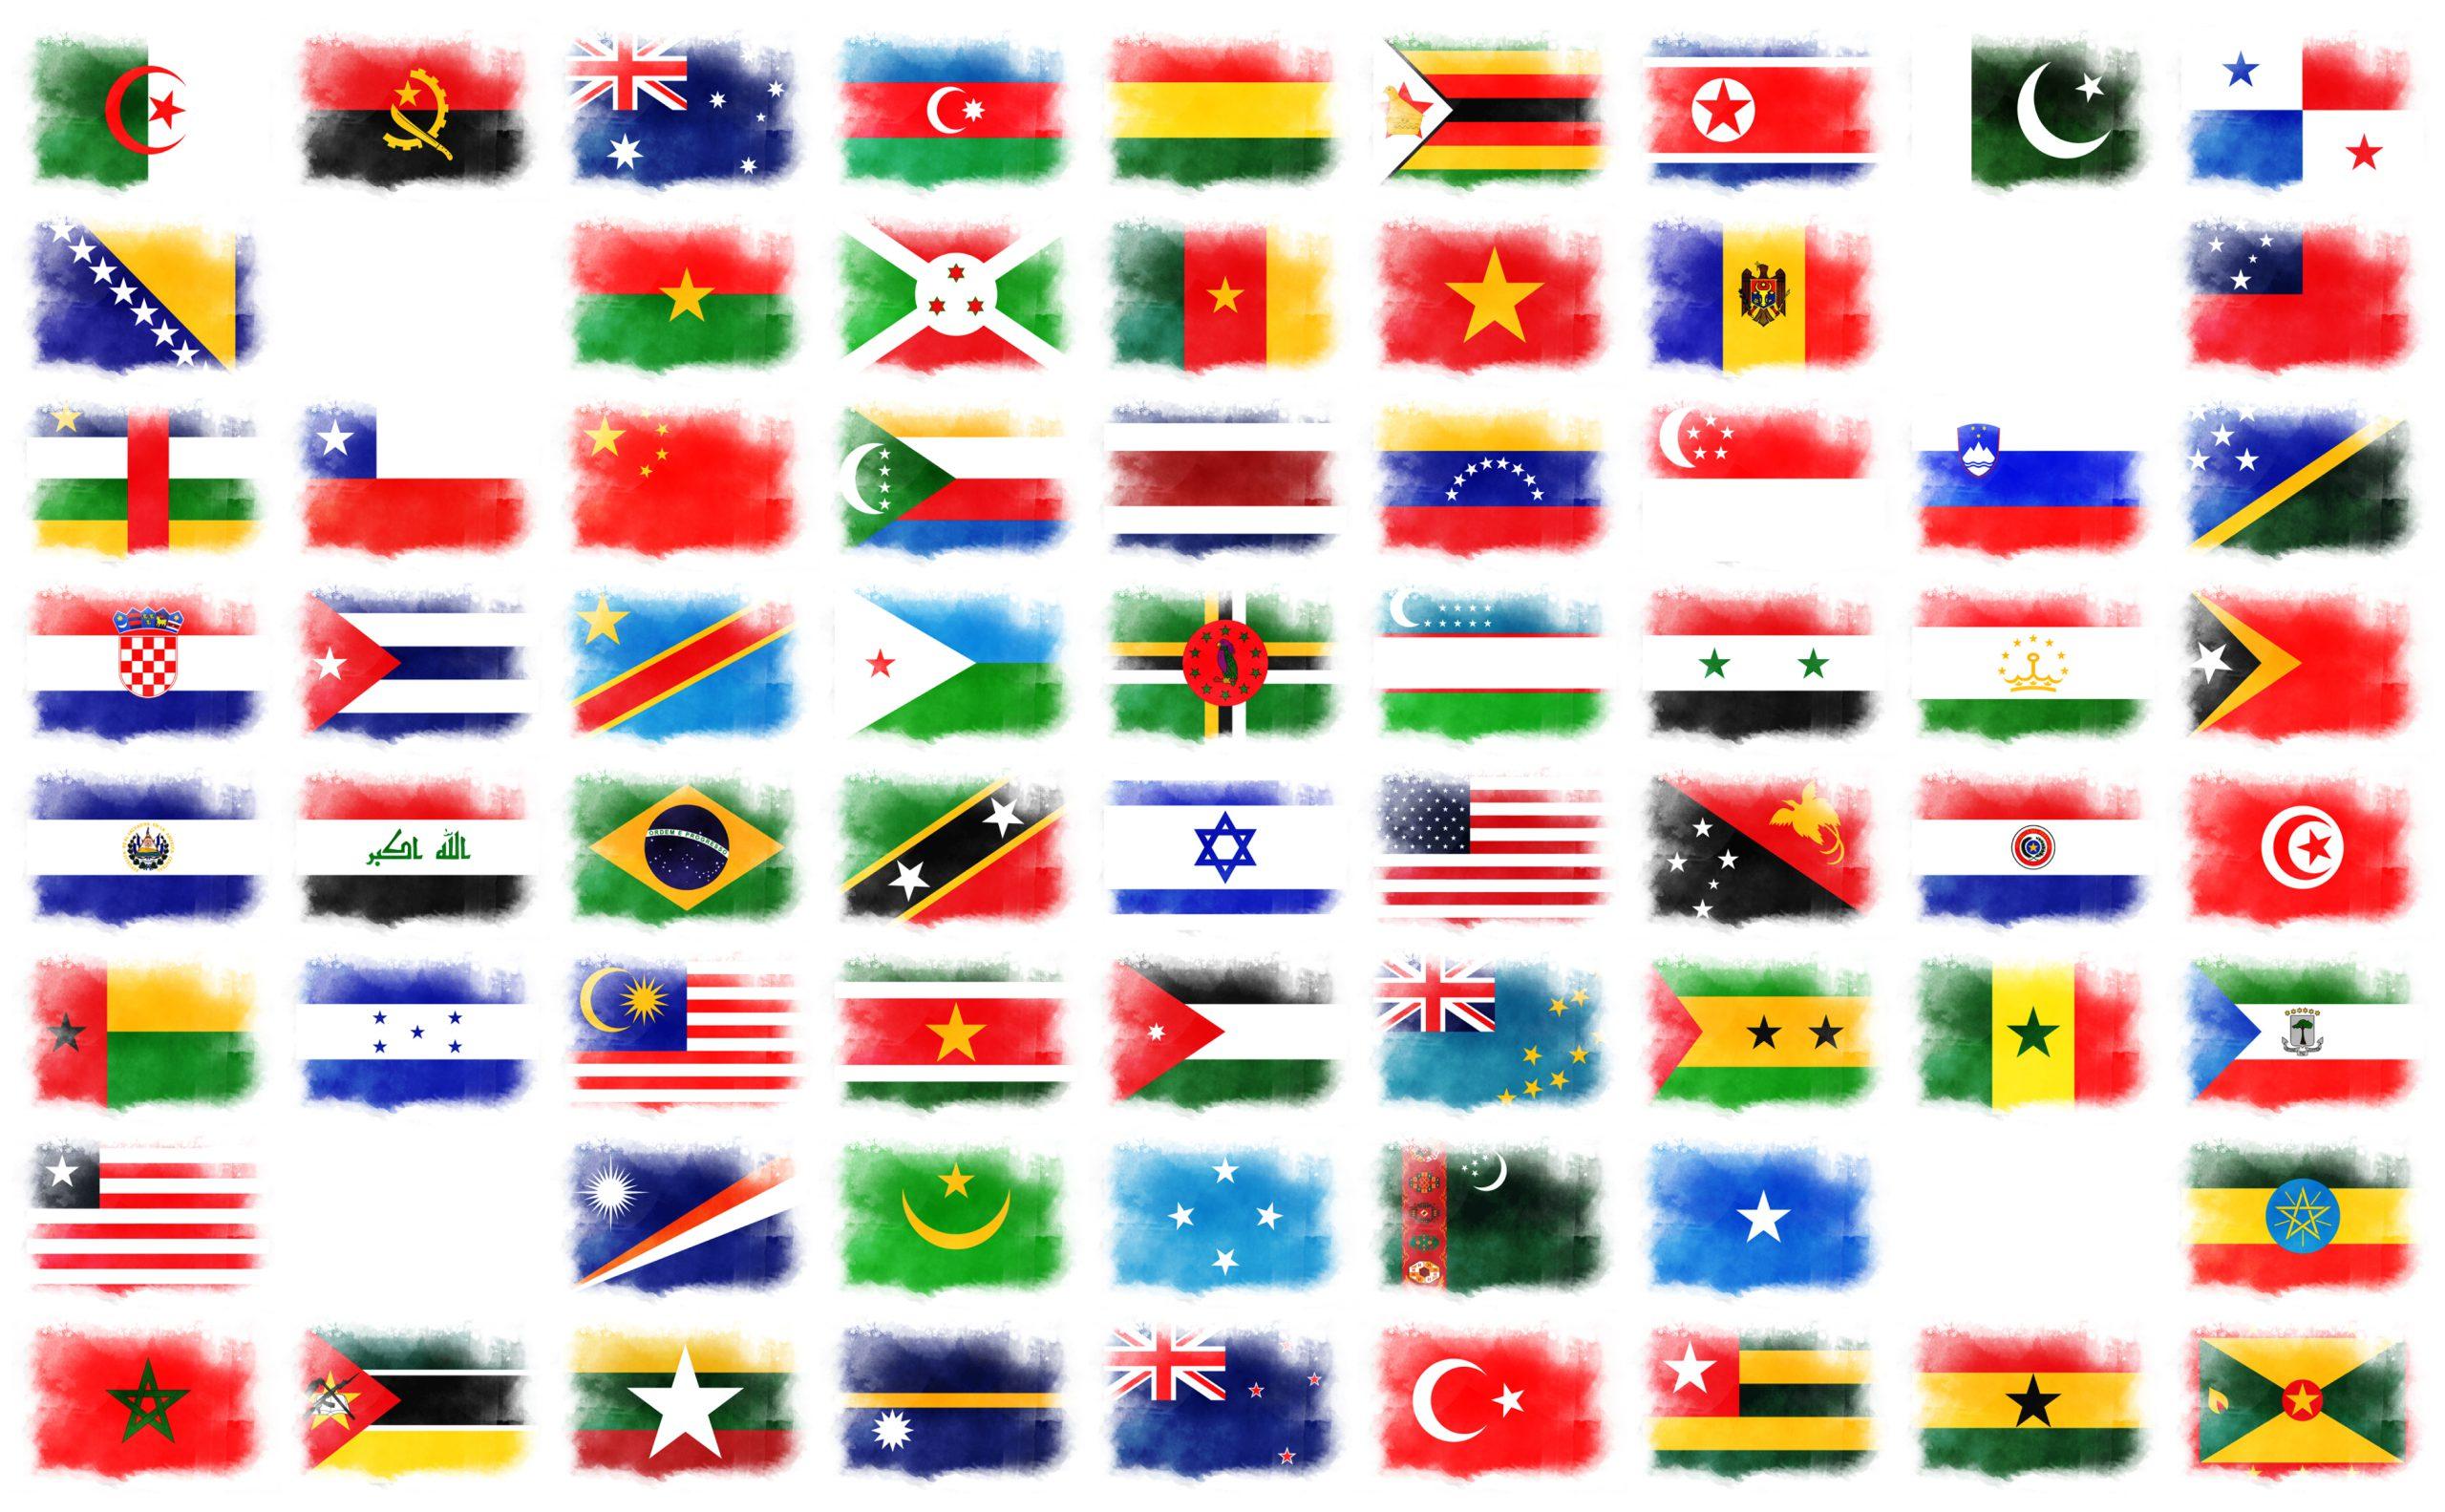 星がデザインされた国旗68ヵ国一覧